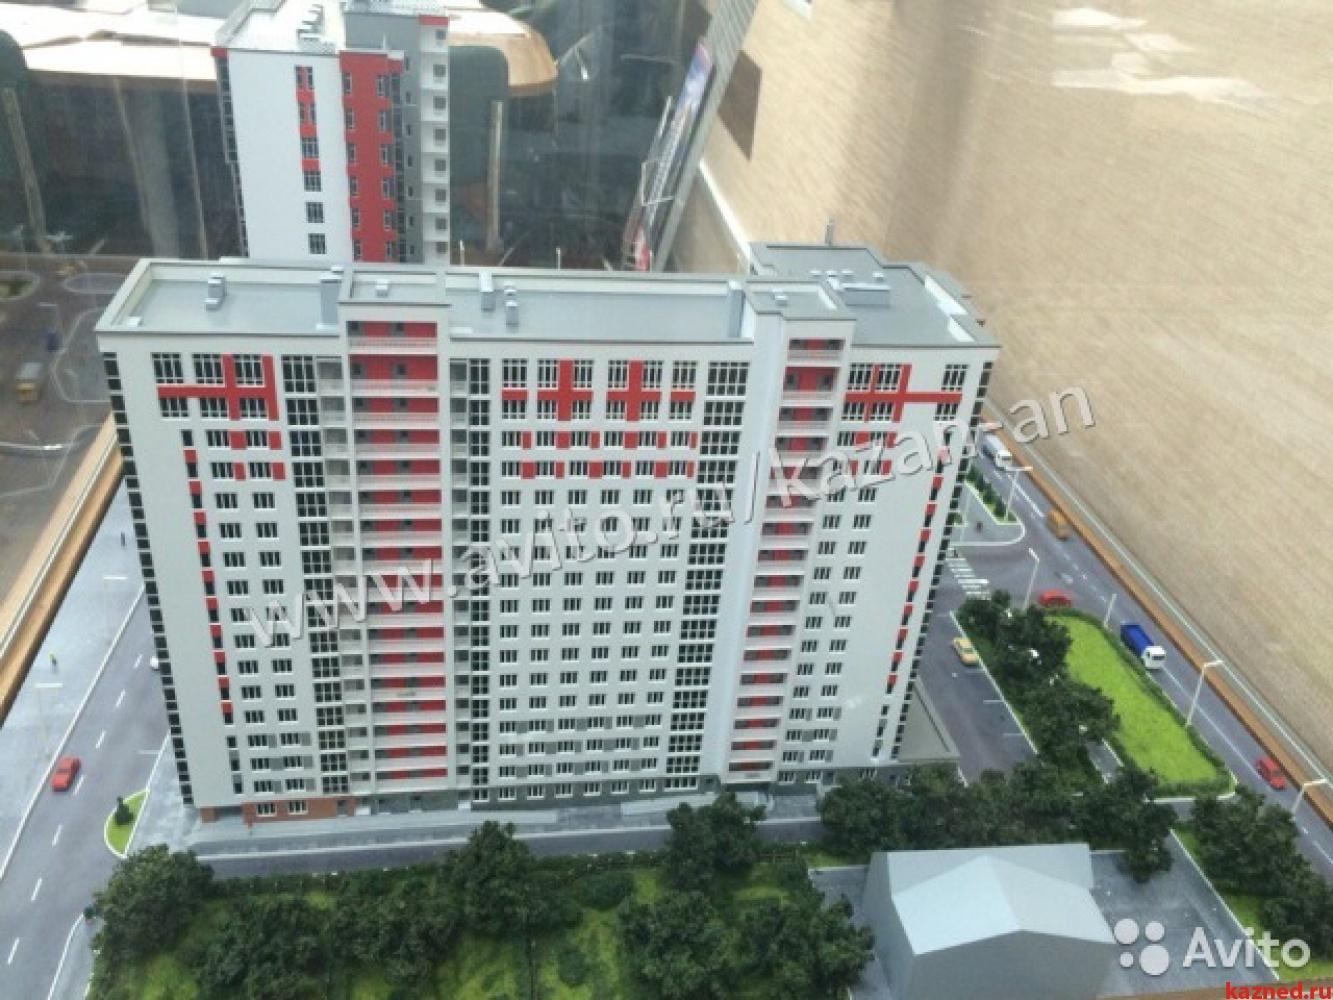 Продажа 1-к квартиры Генерала Баруди, д. 4, 37 м²  (миниатюра №3)